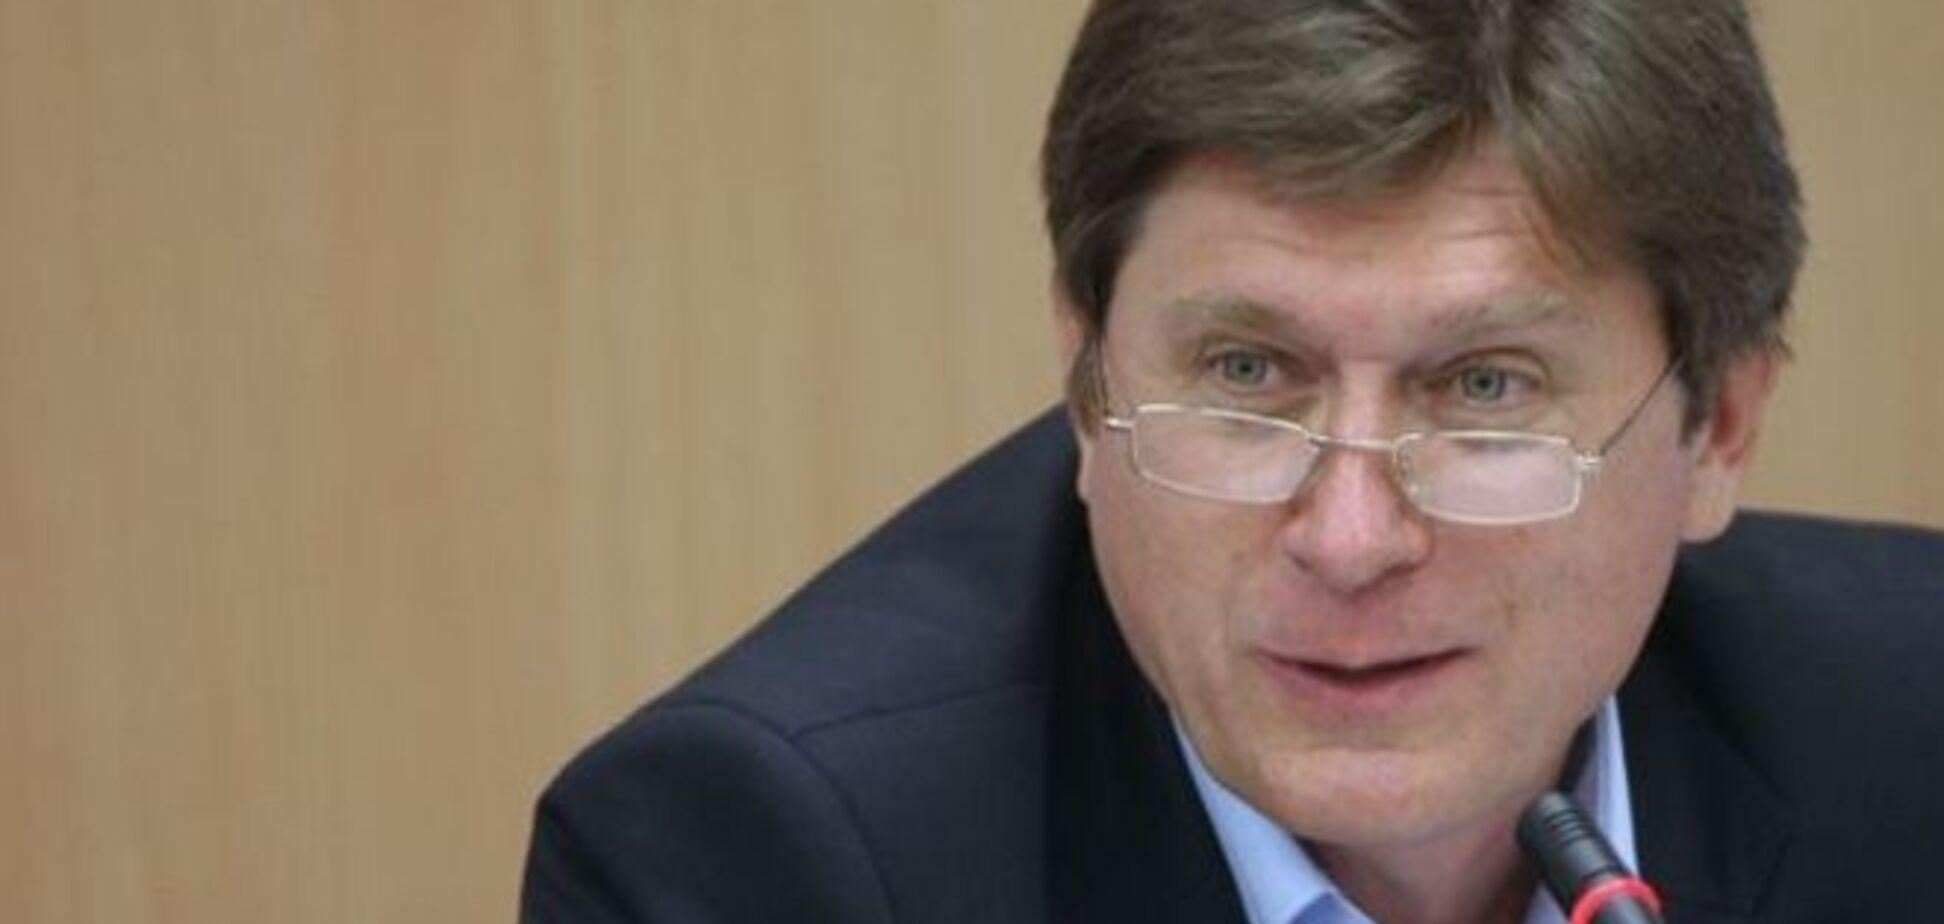 Политолог: информационная война против Хорошковского – это попытка ослабить 'Сильную Украину'